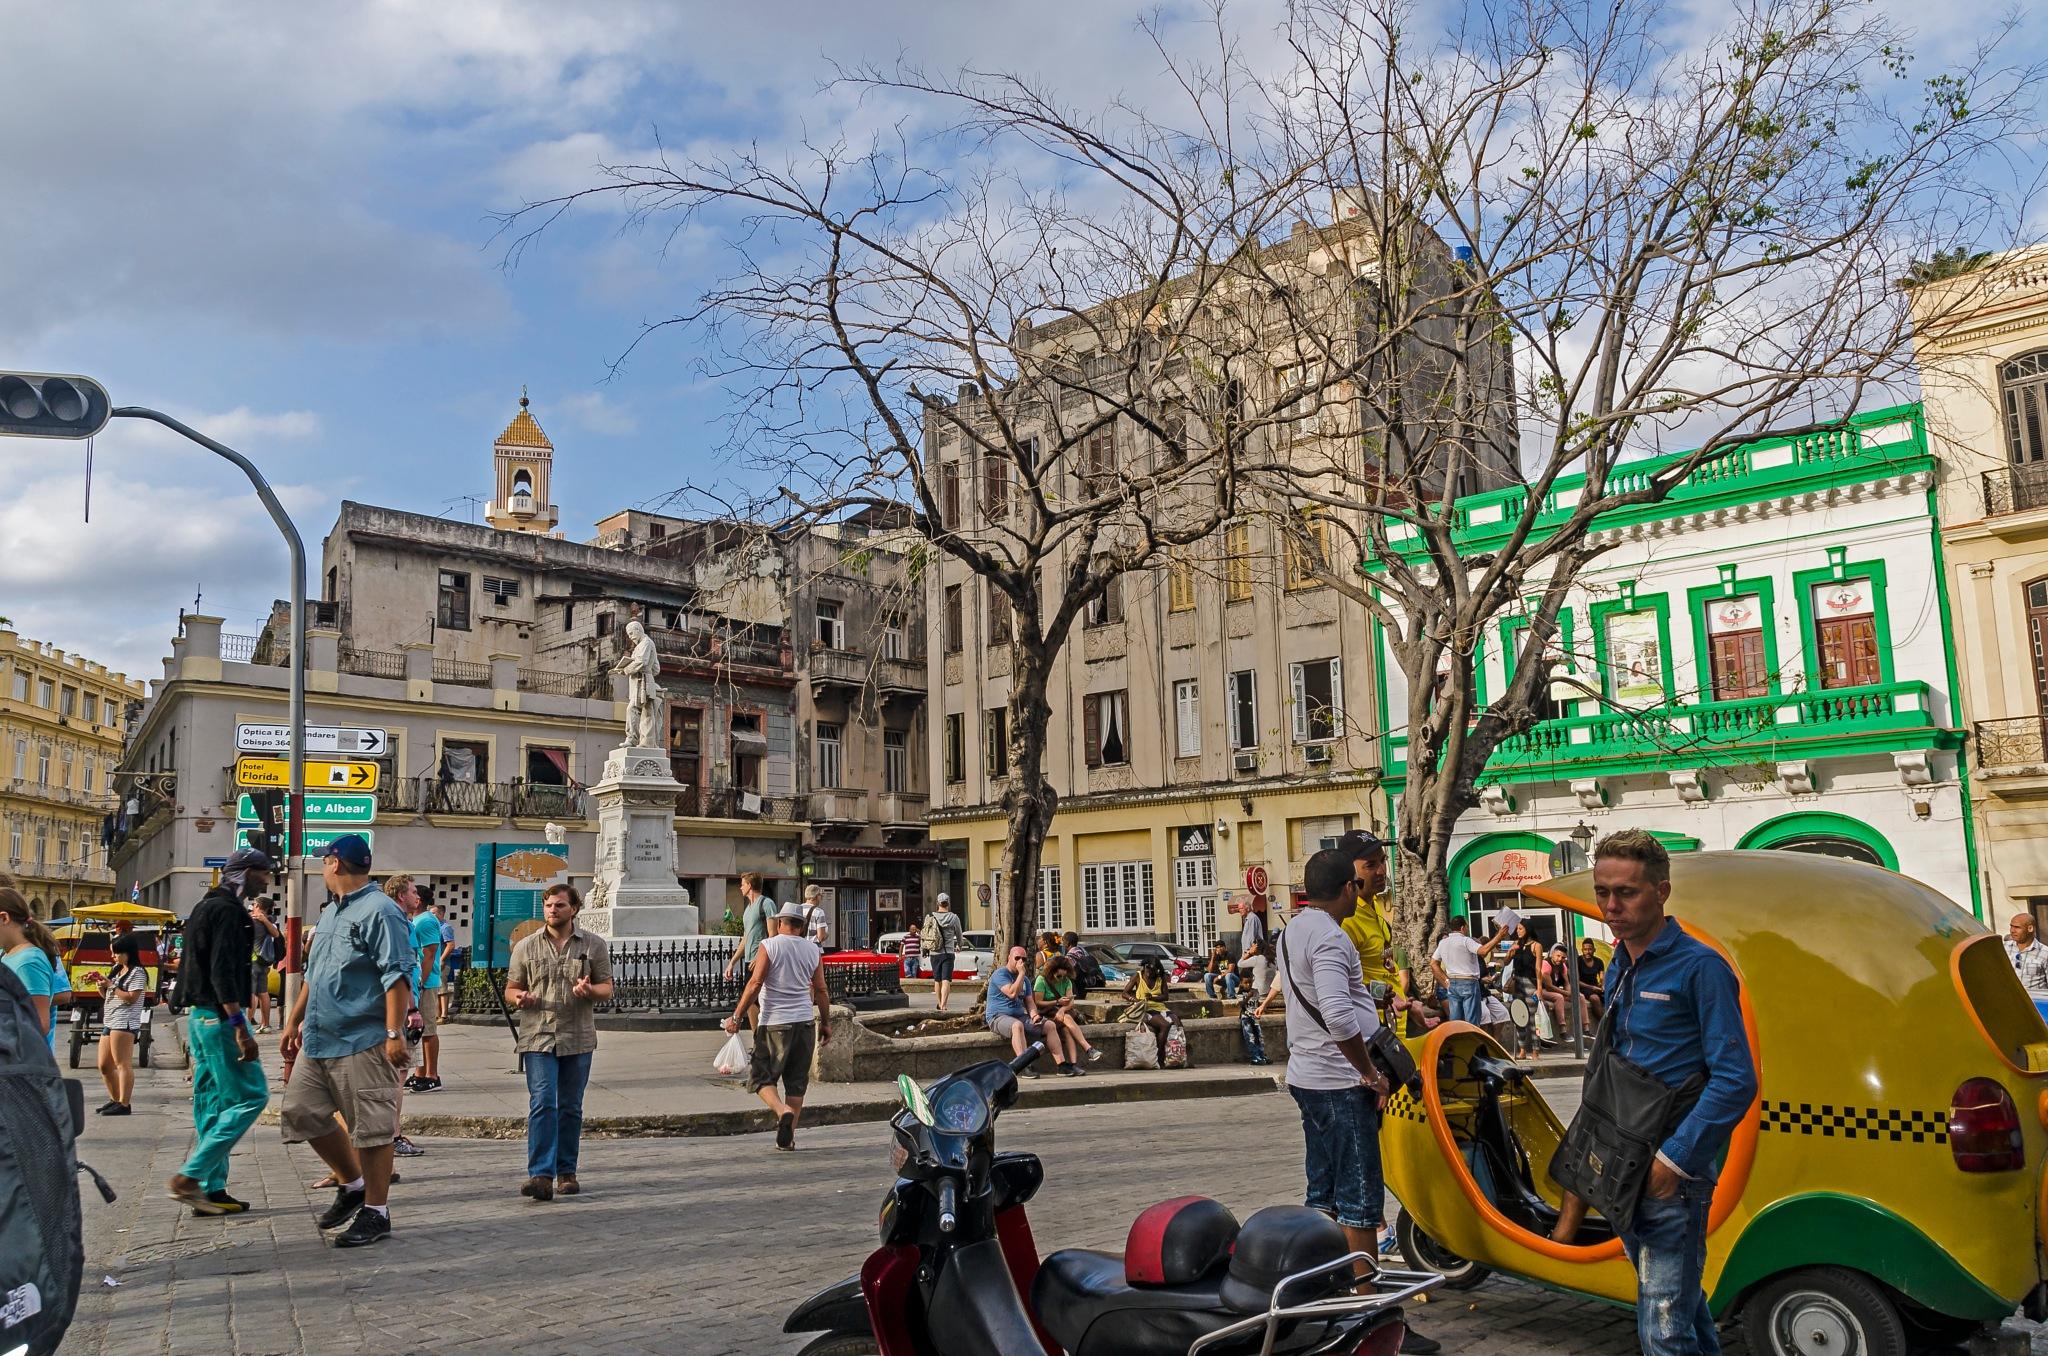 Calles de La Habana vieja by amarilis.cuetocabrera